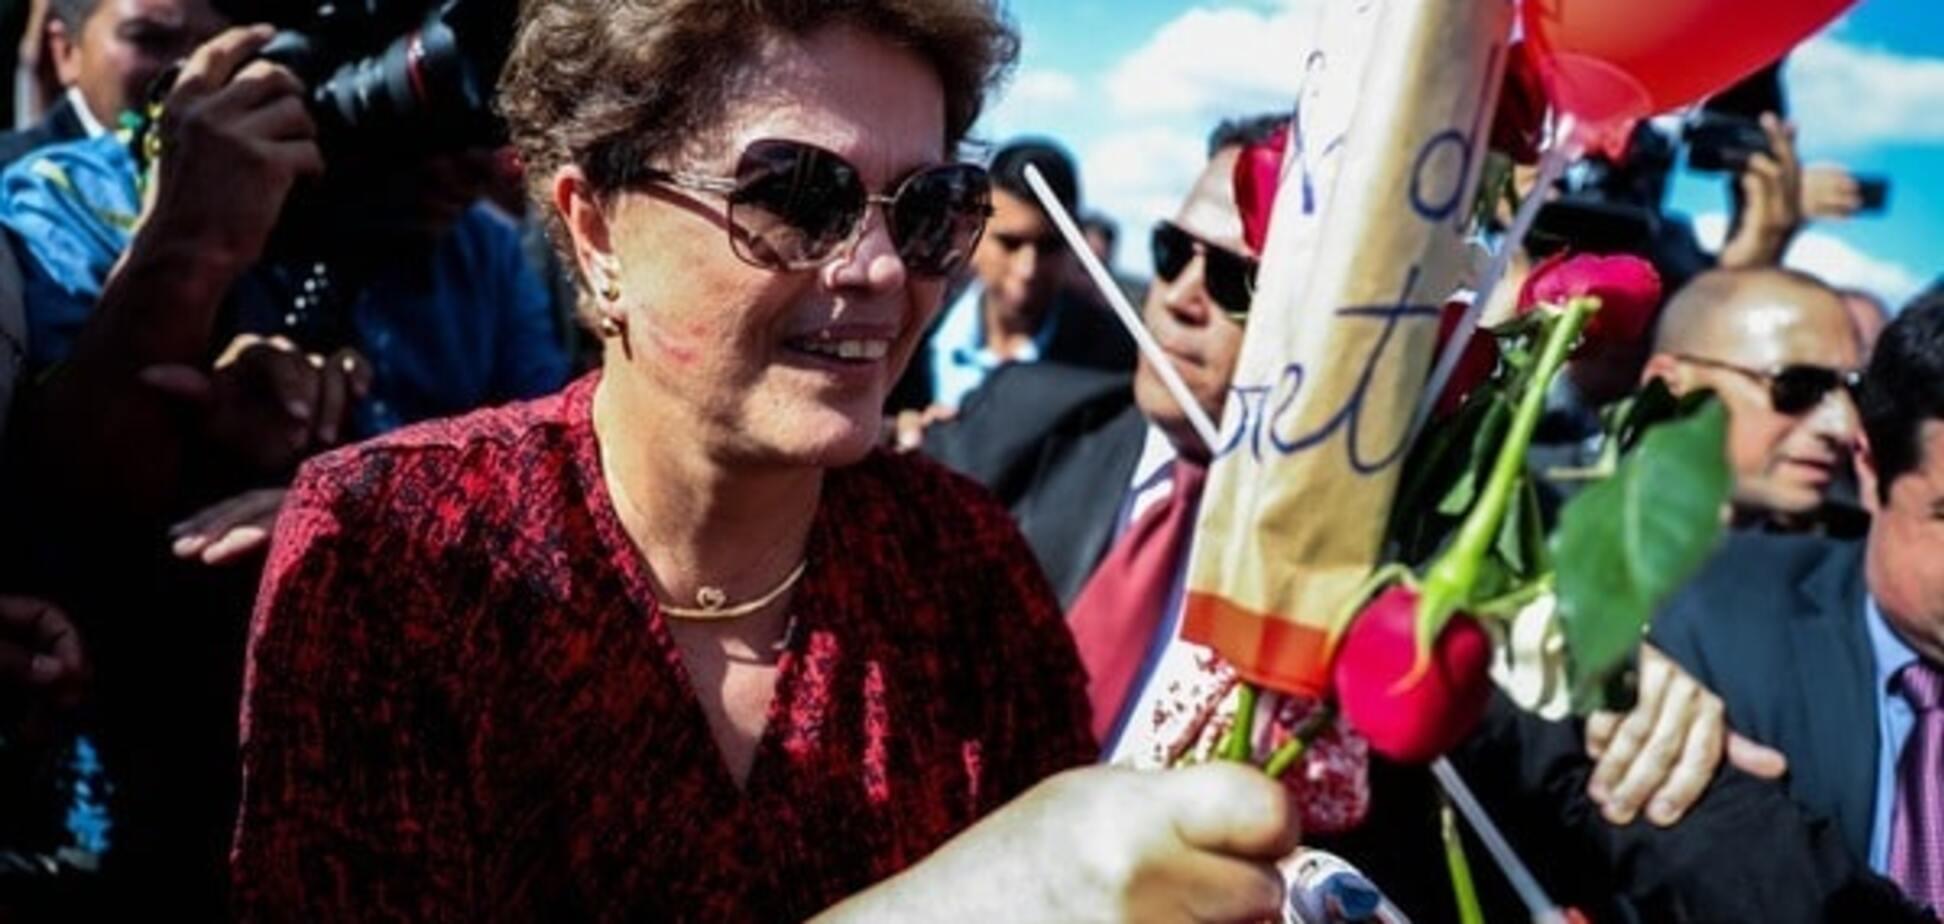 С улыбкой и цветами: Русеф после импичмента покинула дворец президента Бразилии. Опубликованы фото